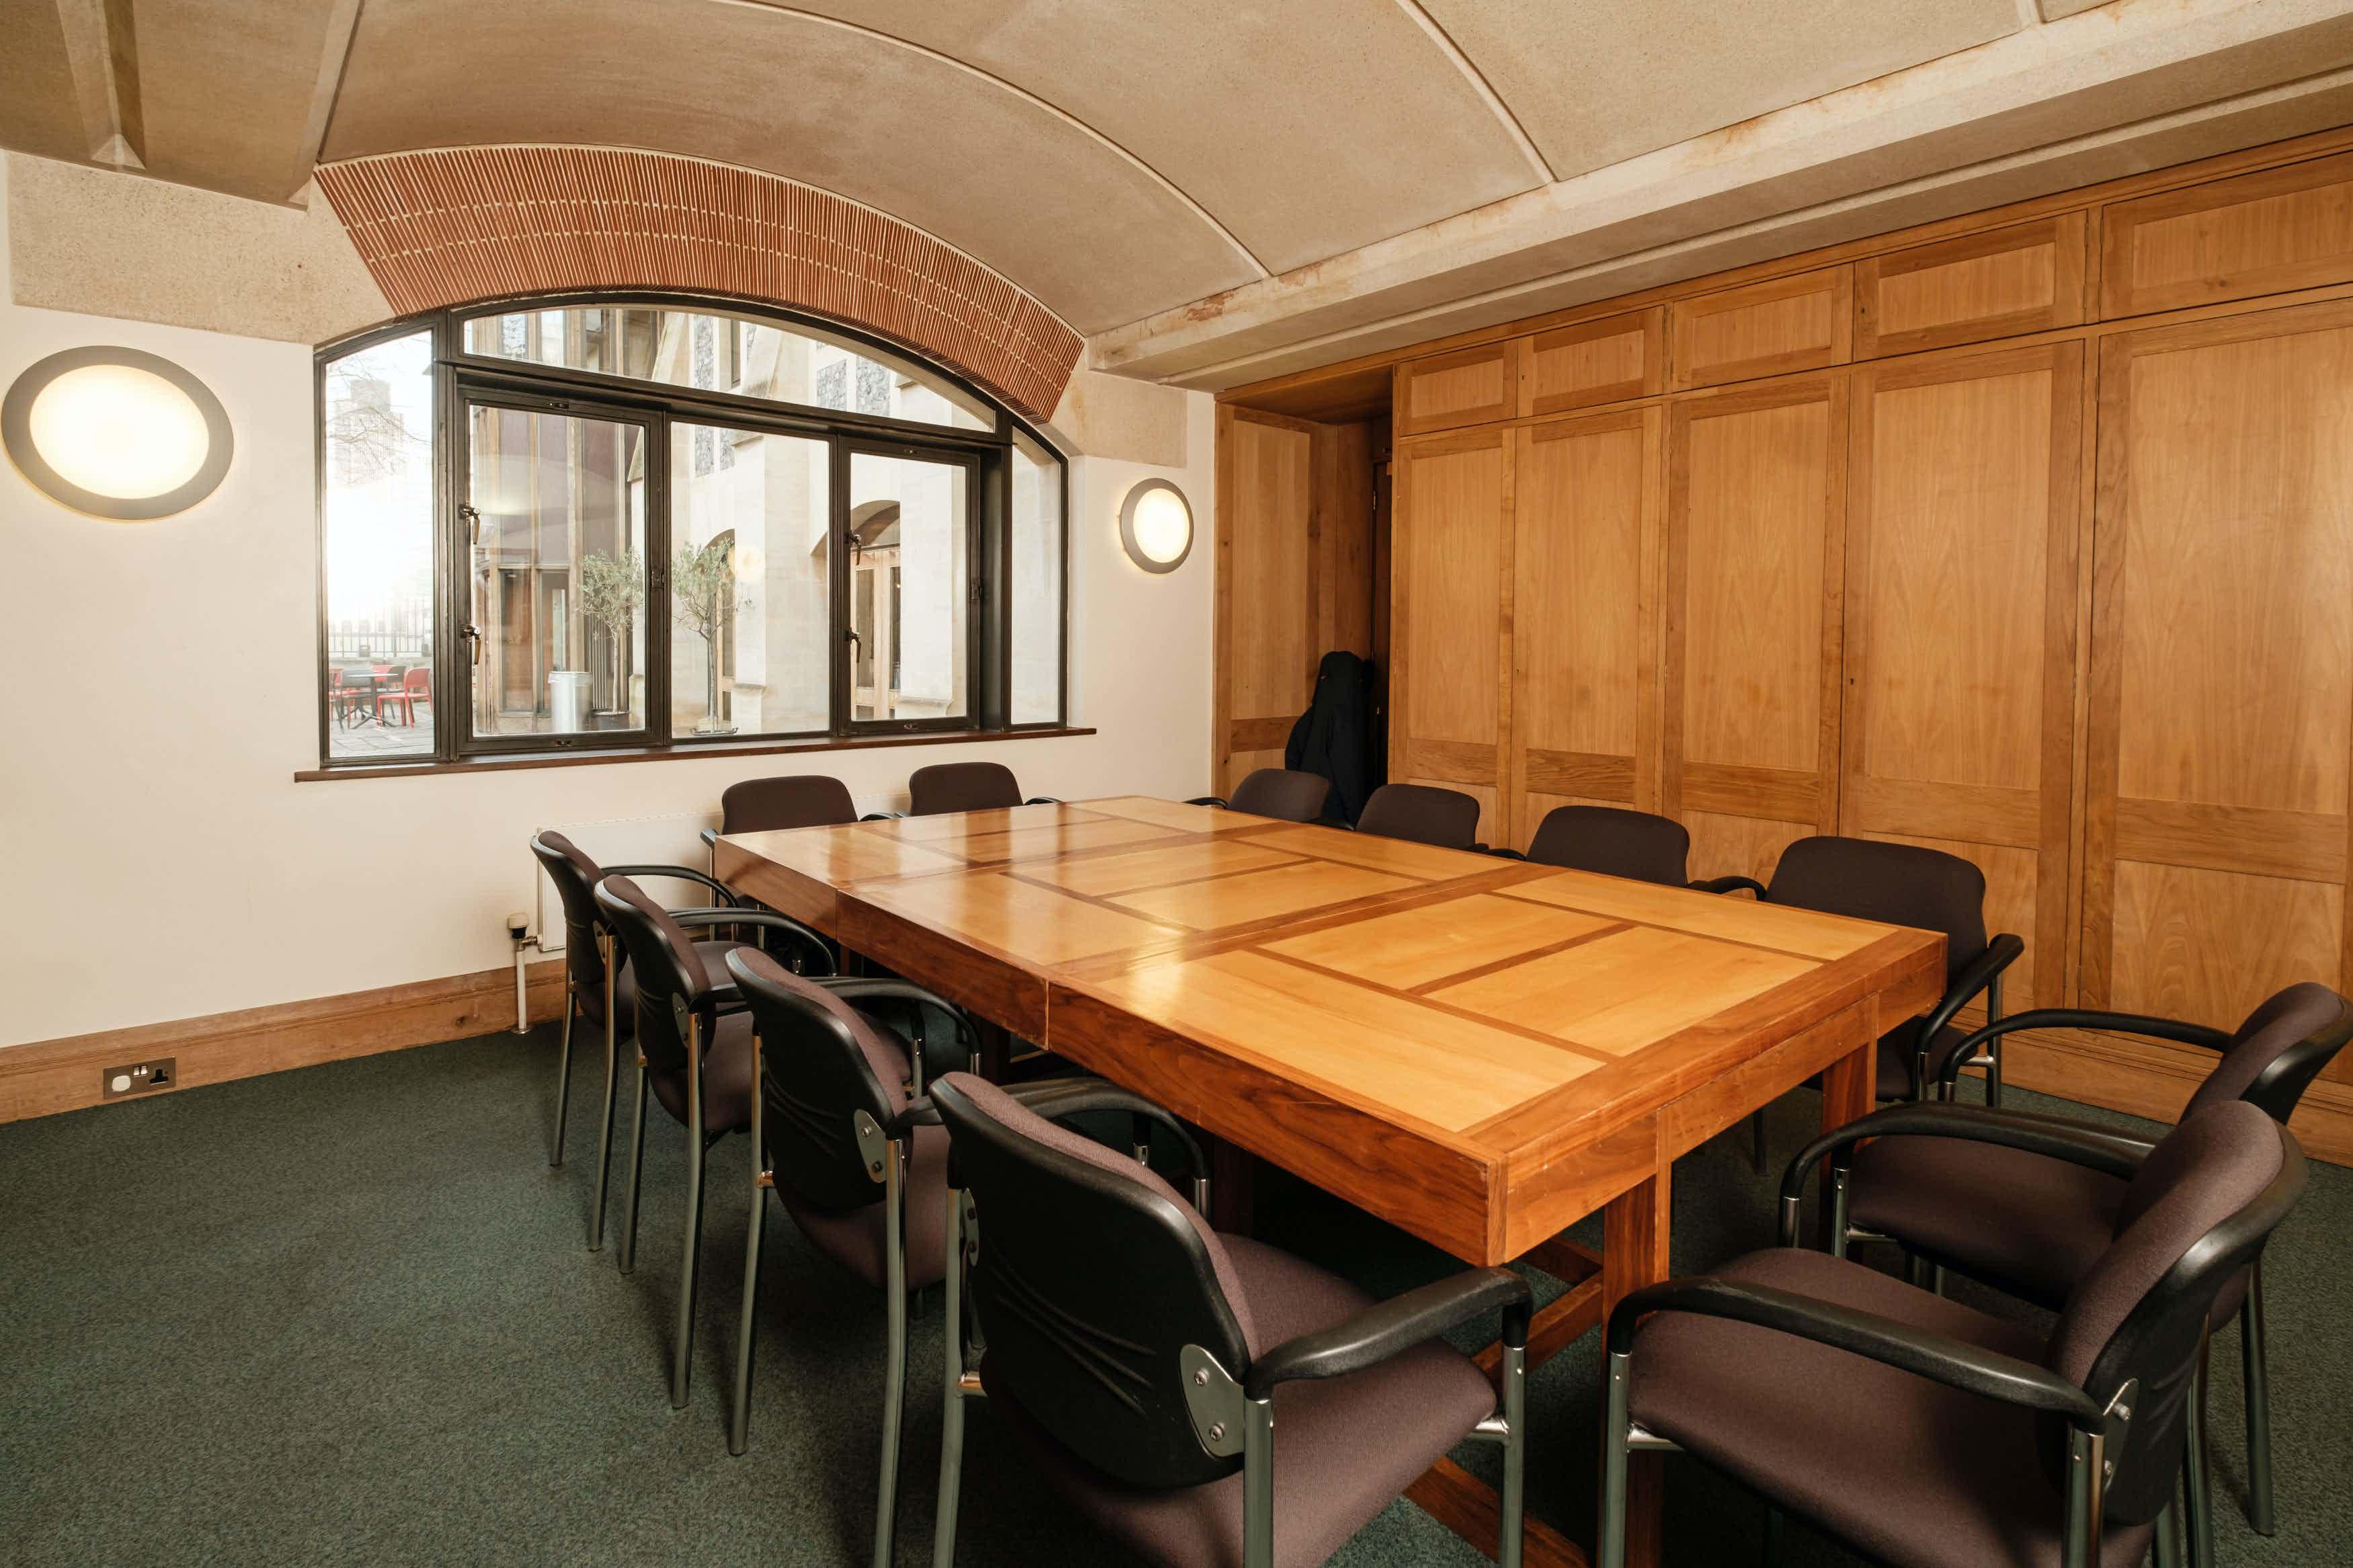 Desmond Tutu Room, Southwark Cathedral